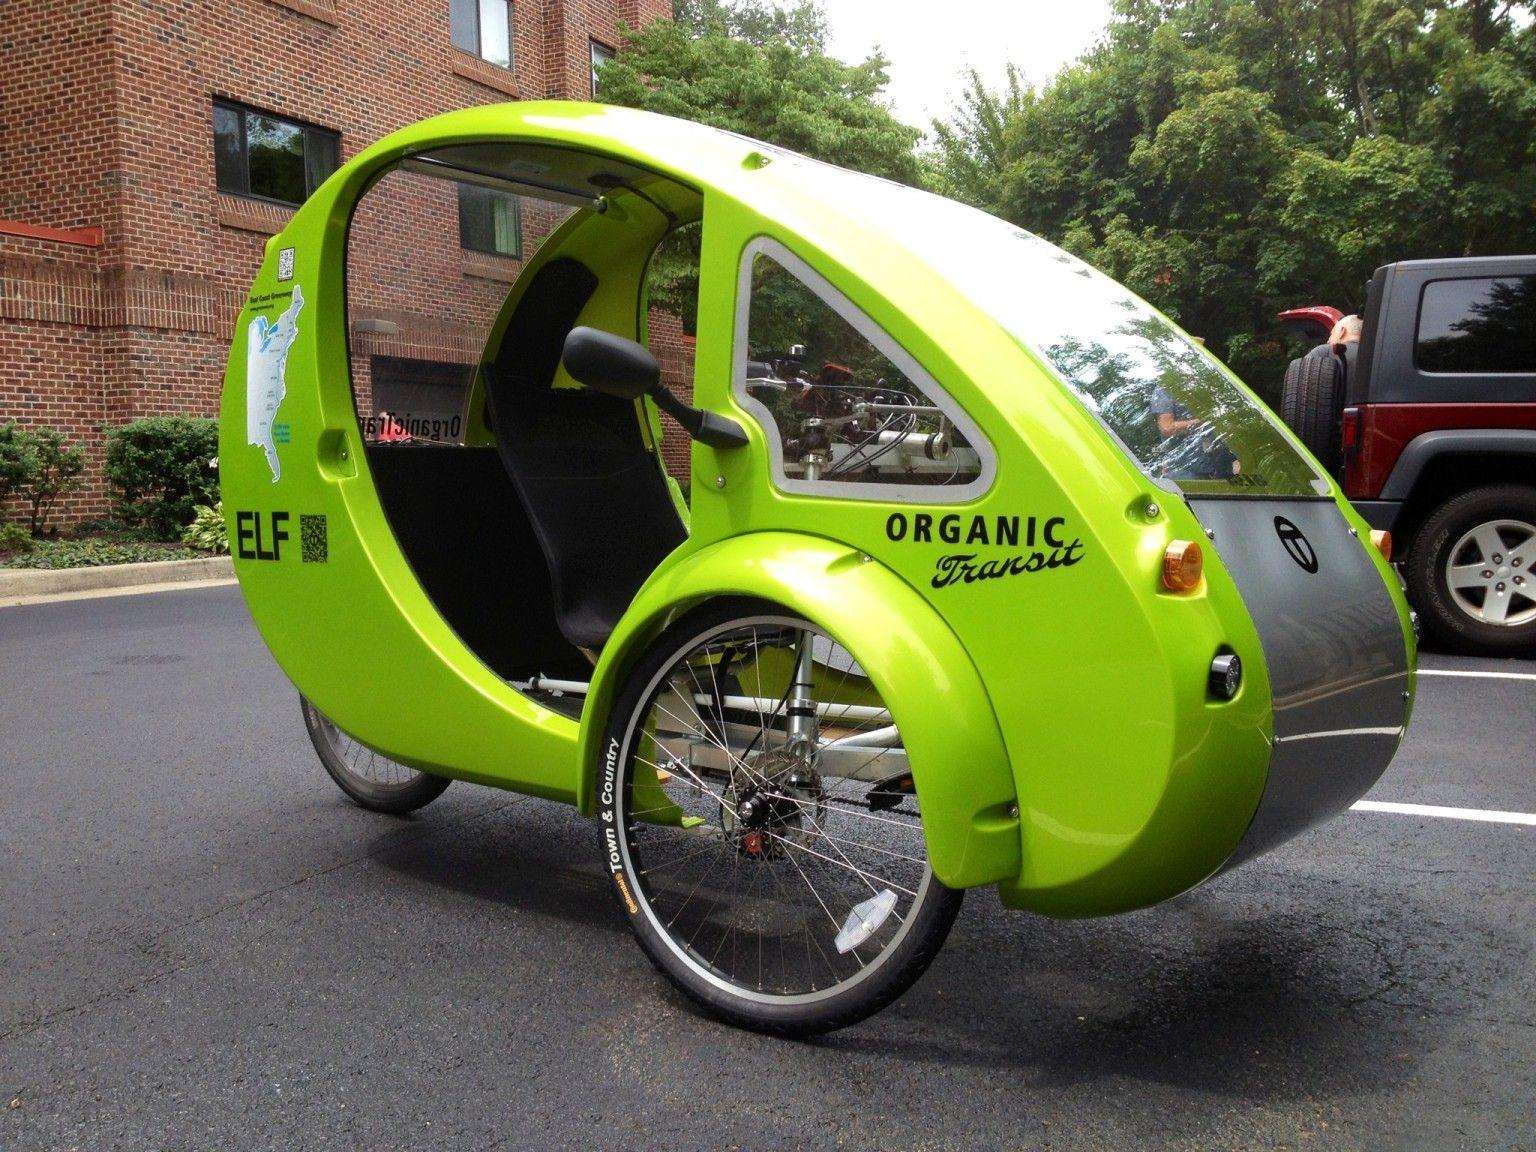 Elf Bike Car Hybrid Solar Paneled Vehicle Bike Of The Future Battery Powered Car Urban Bicycle Electric Bike